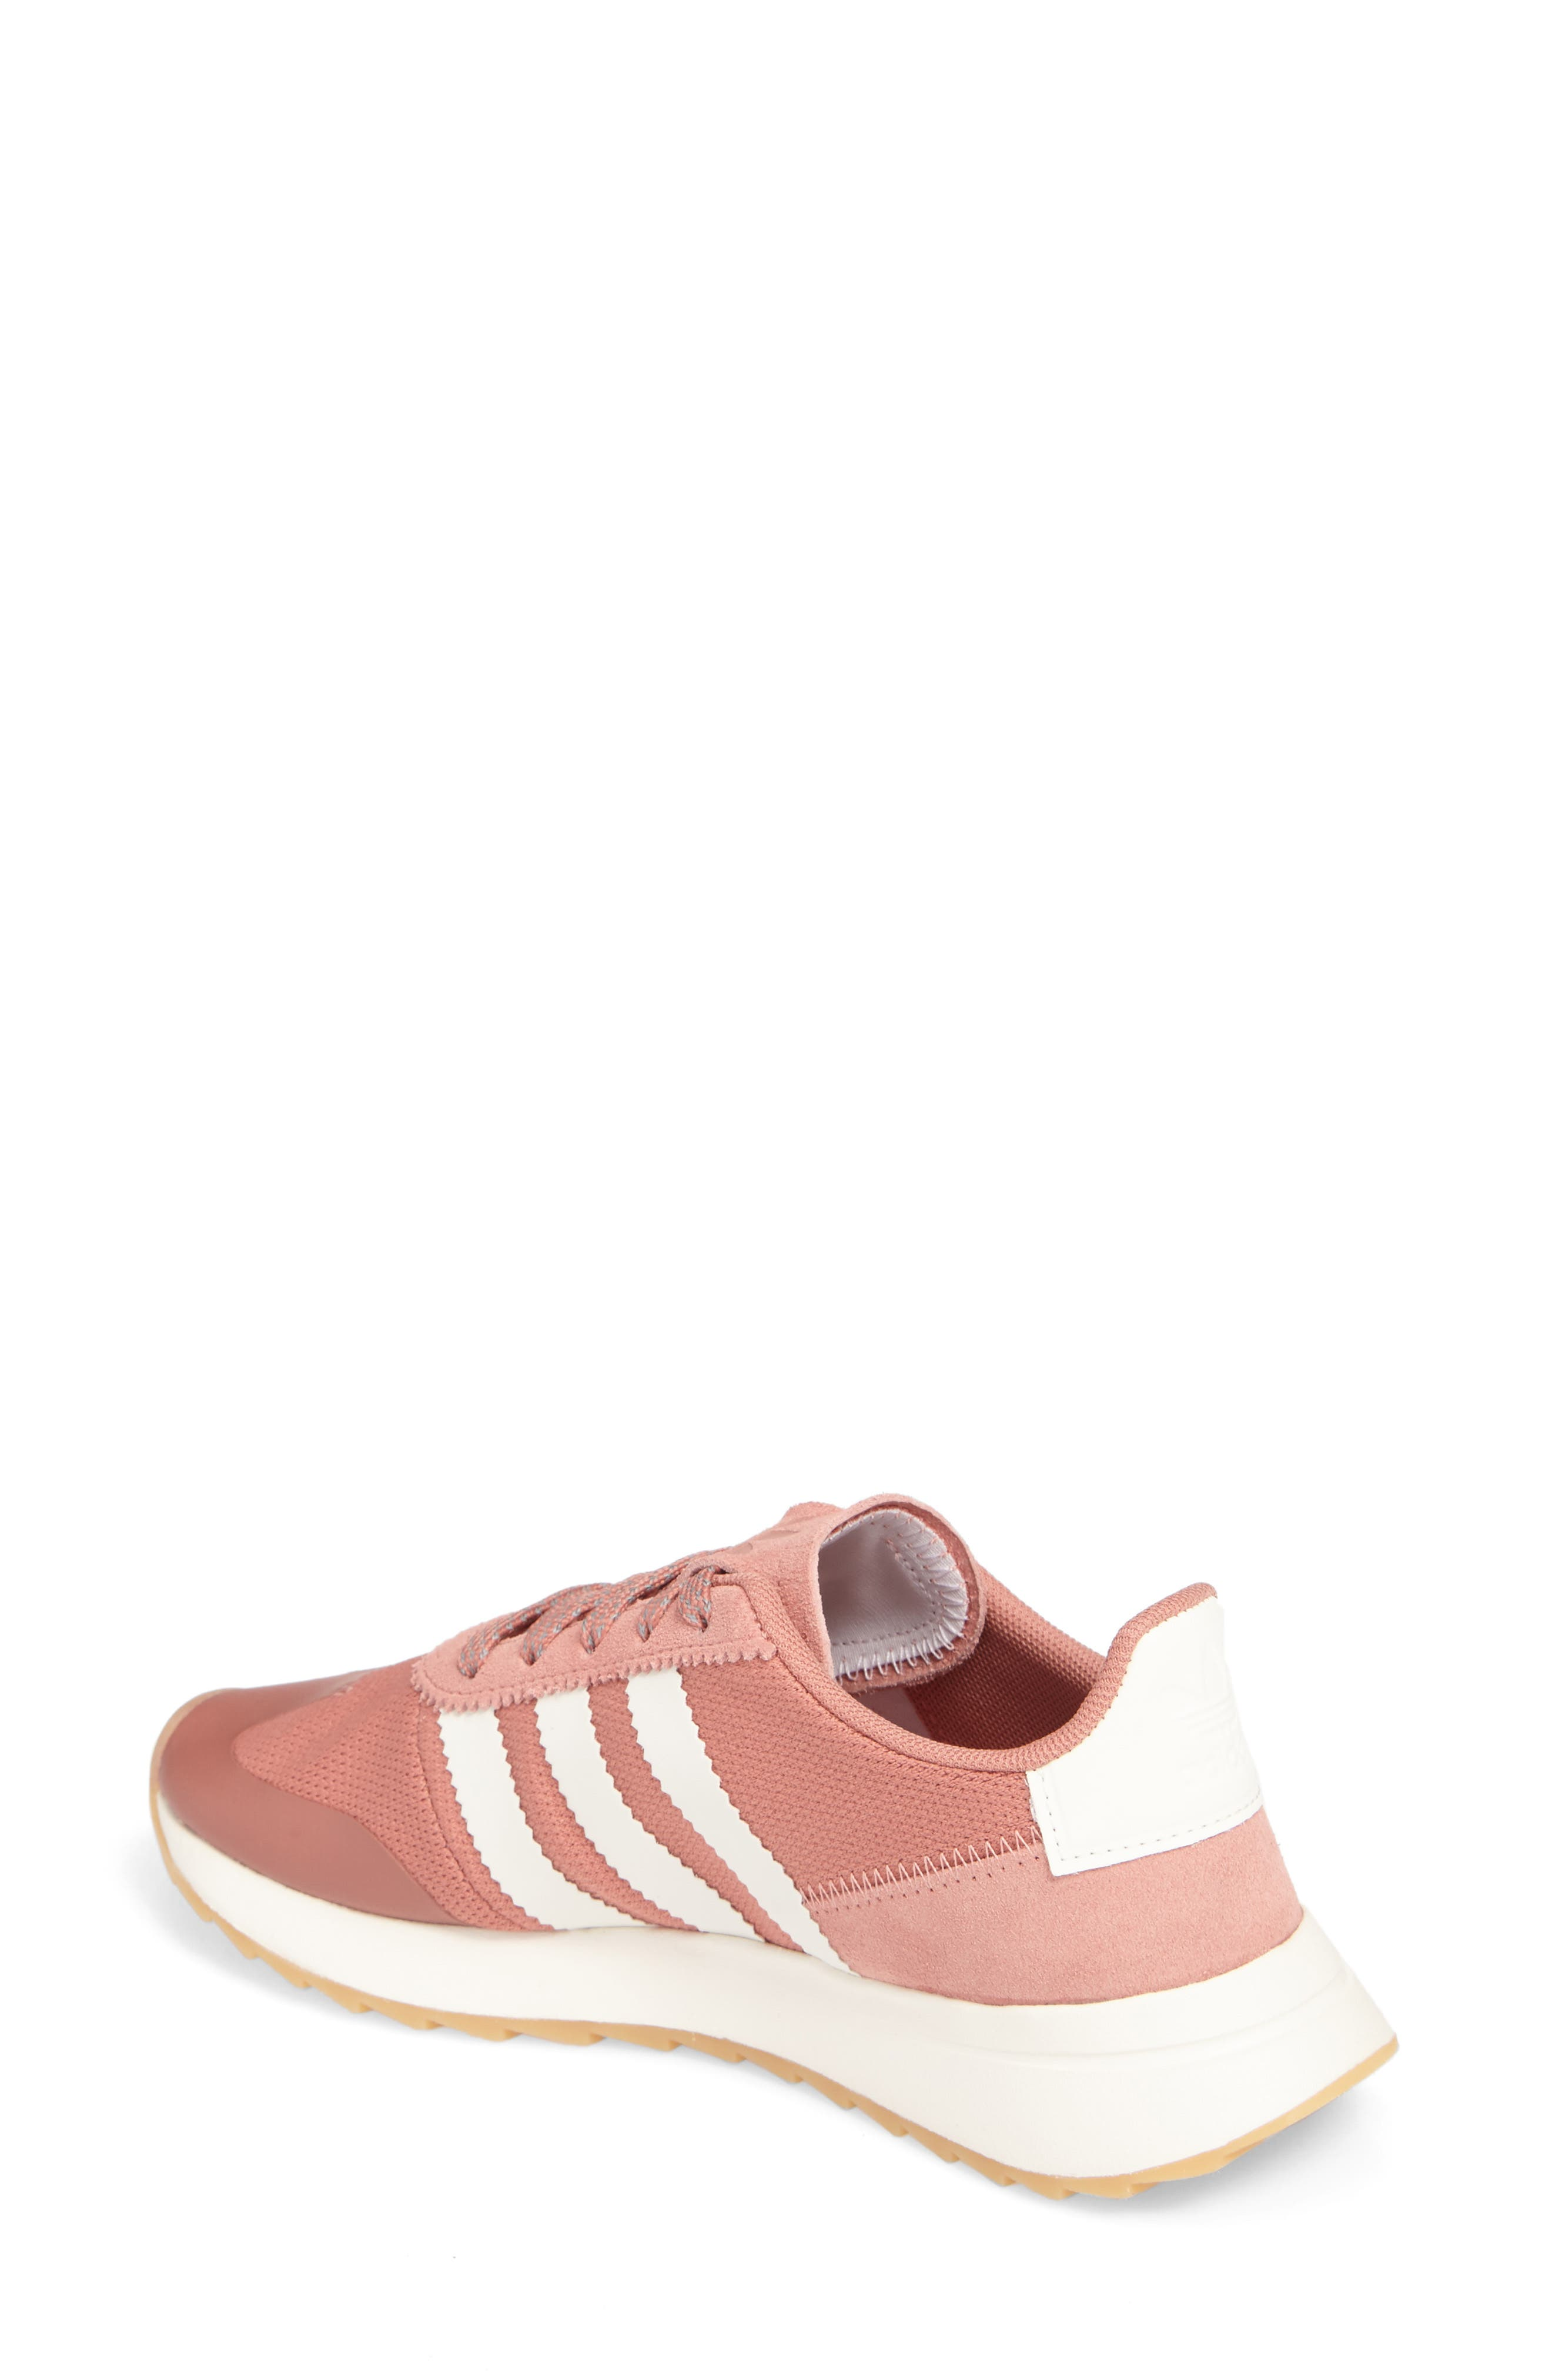 Flashback Sneaker,                             Alternate thumbnail 25, color,